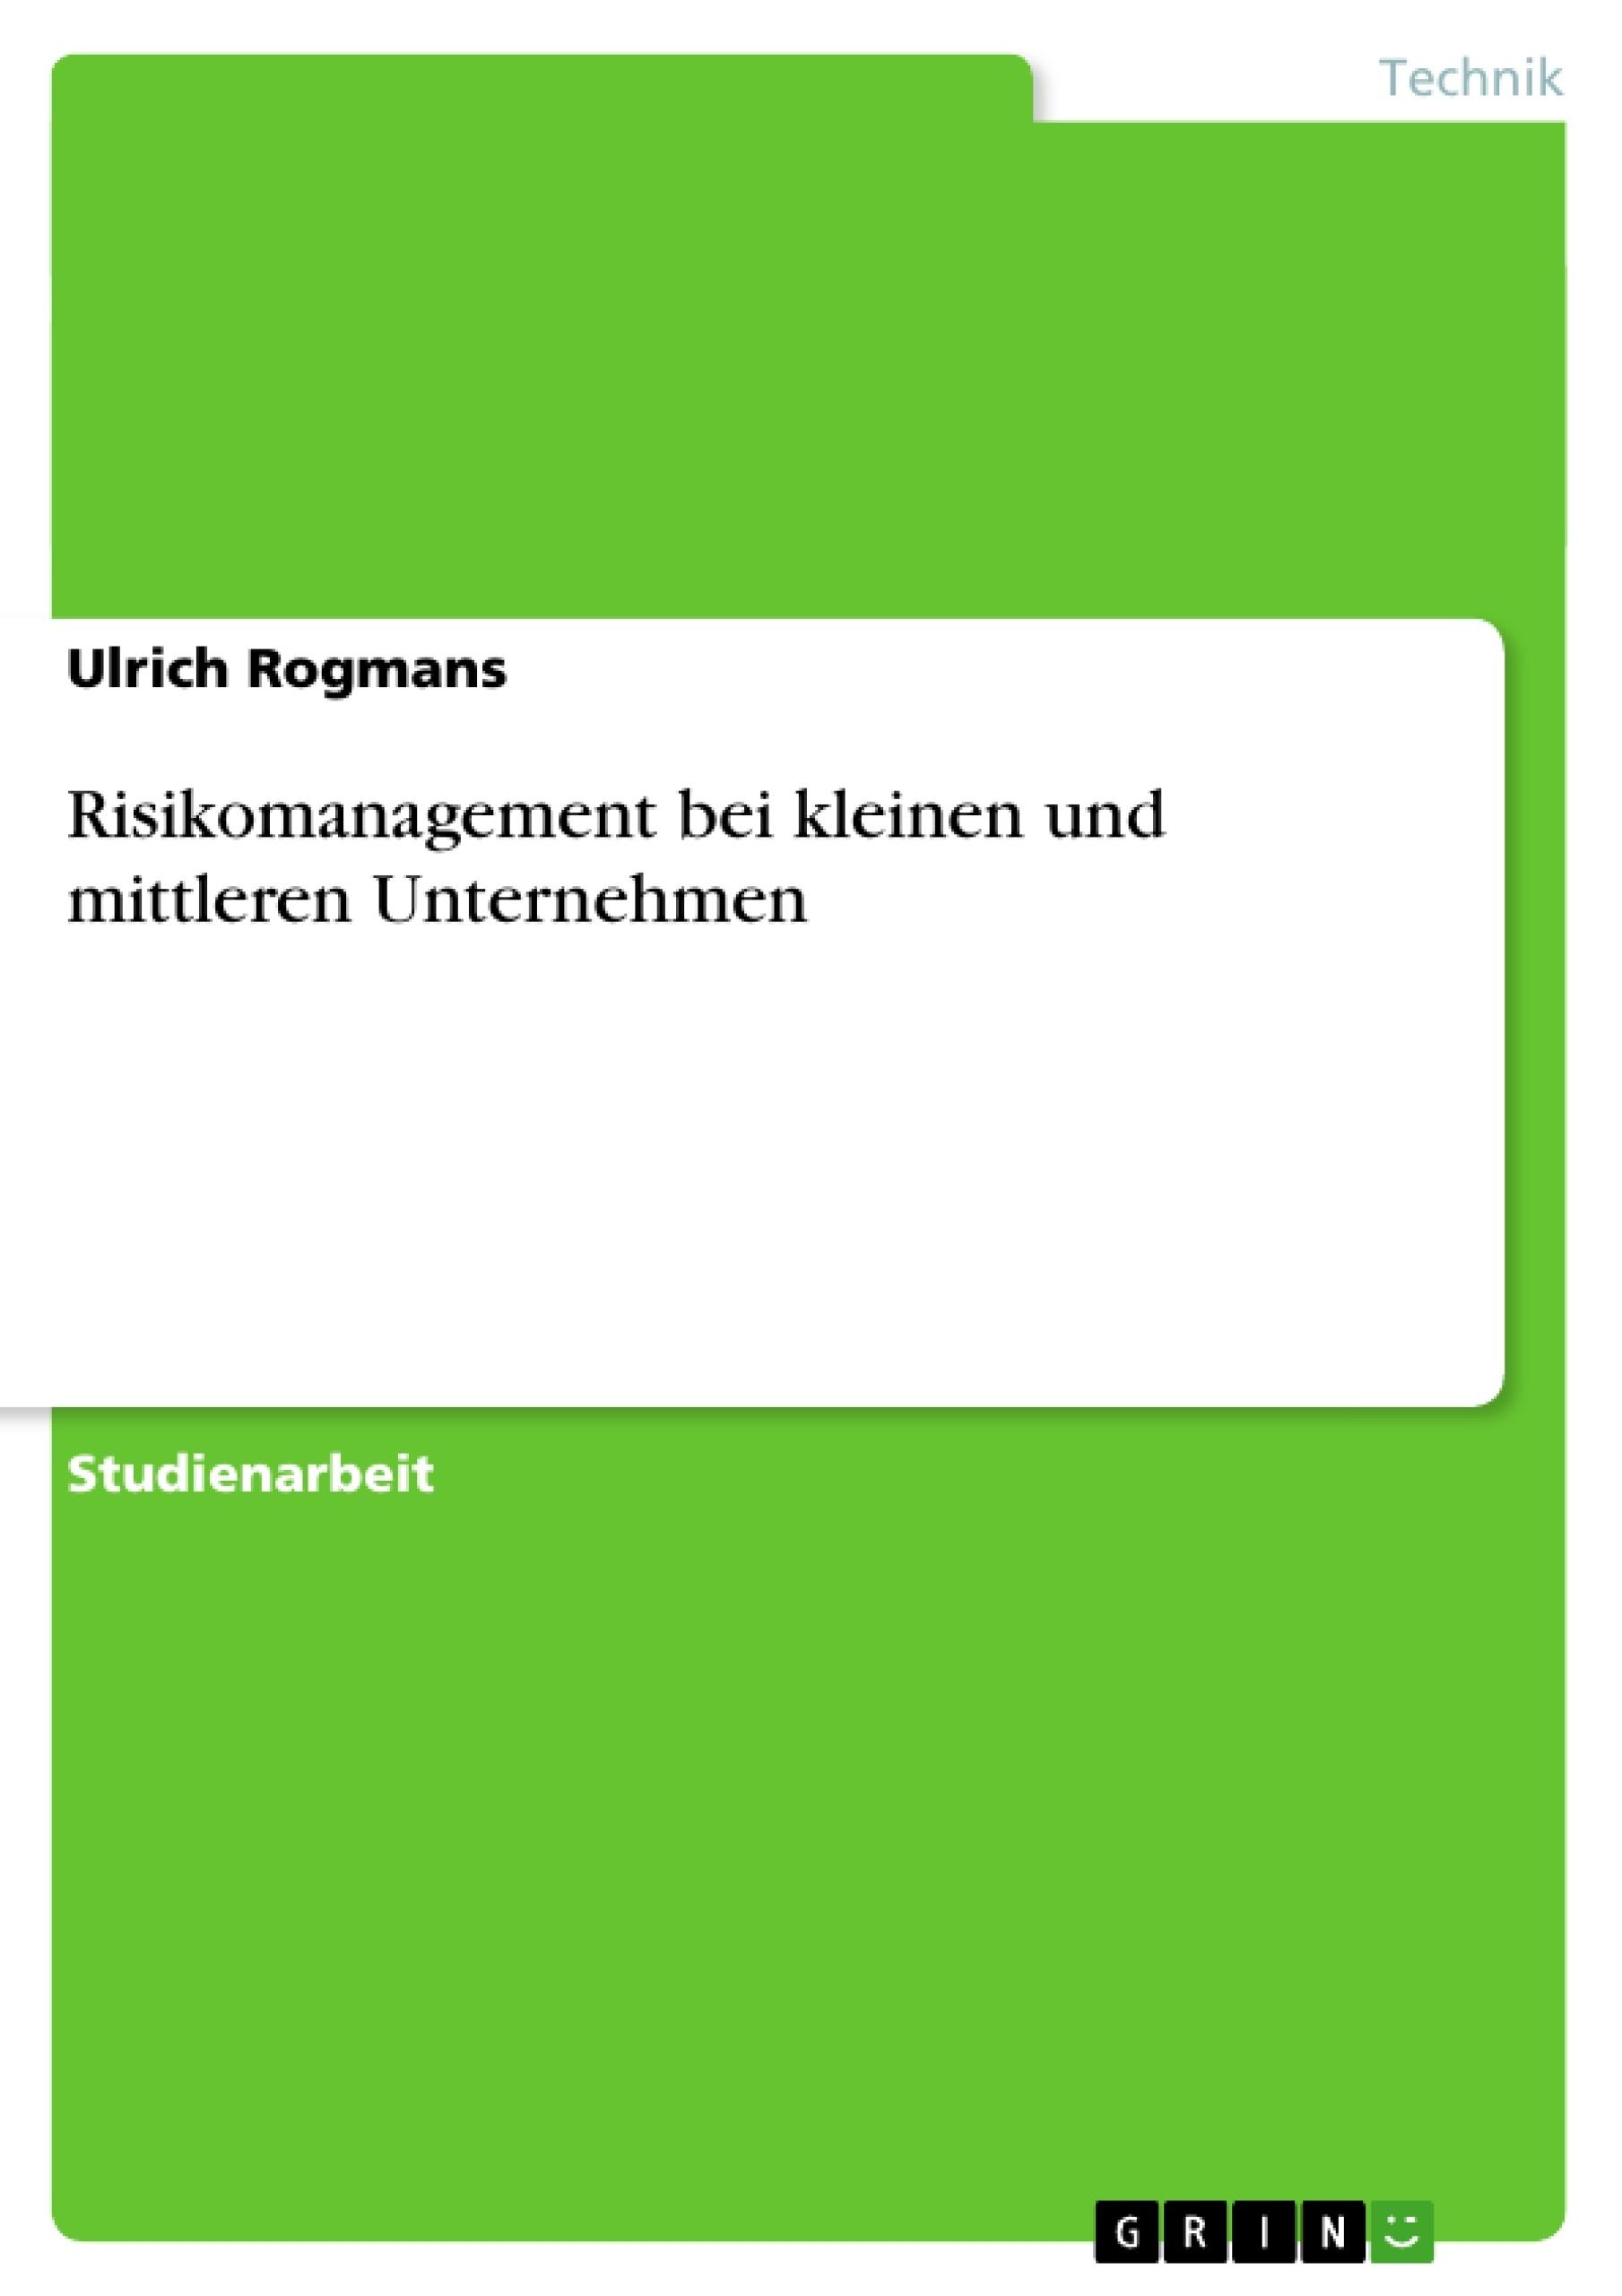 Titel: Risikomanagement bei kleinen und mittleren Unternehmen